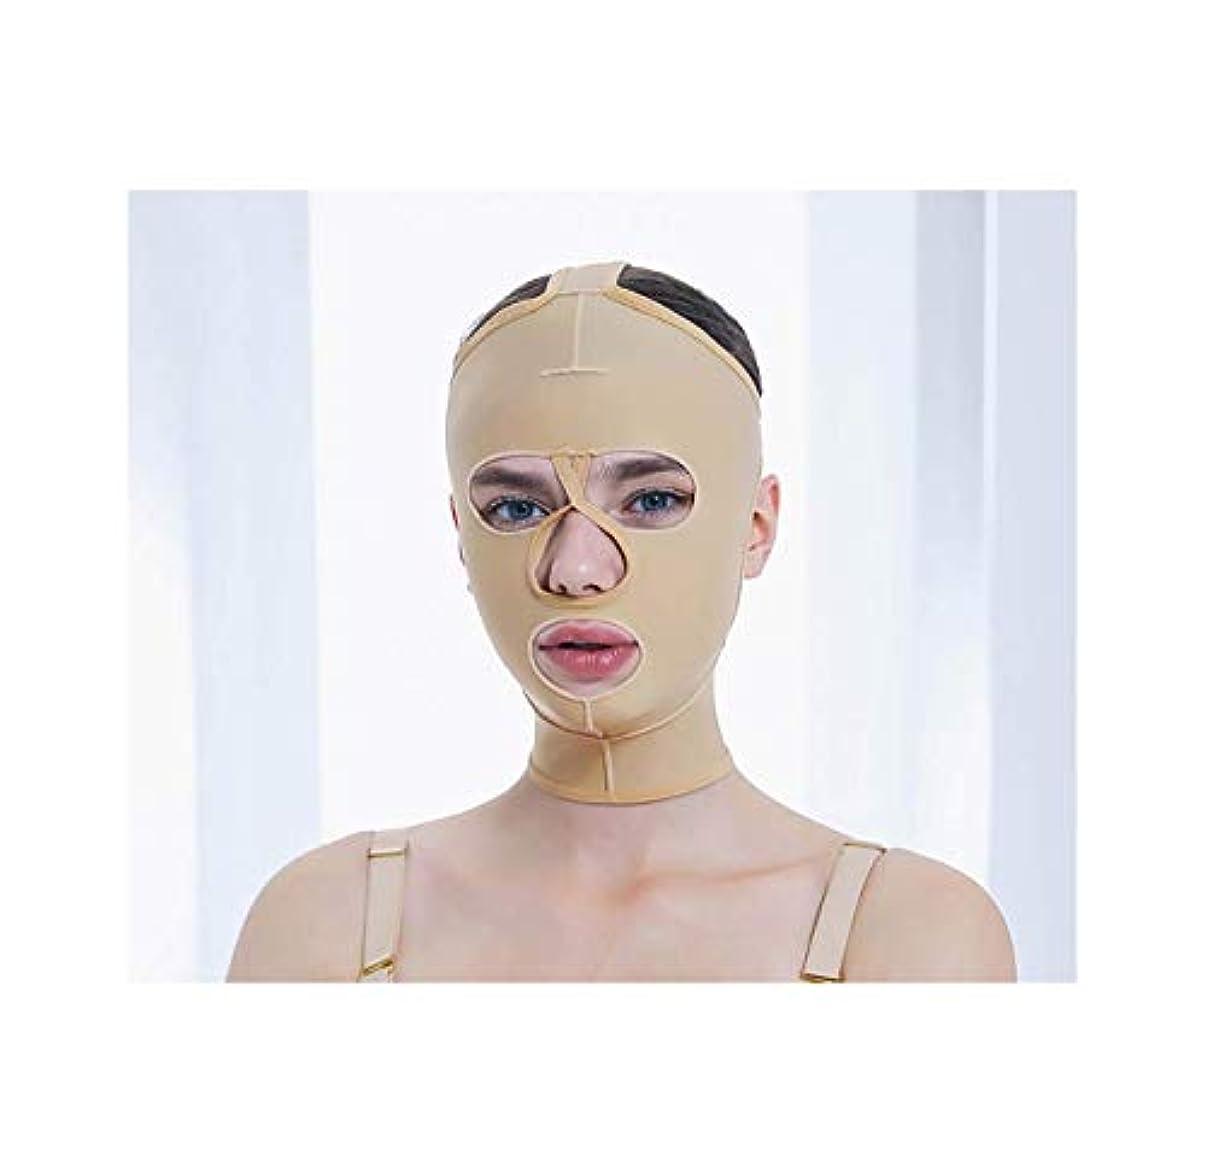 均等にネット溶岩フェイス&ネックリフト、減量フェイスマスク脂肪吸引術脂肪吸引整形マスクフードフェイスリフティングアーティファクトVフェイスビームフェイス弾性スリーブ(サイズ:XS),XS